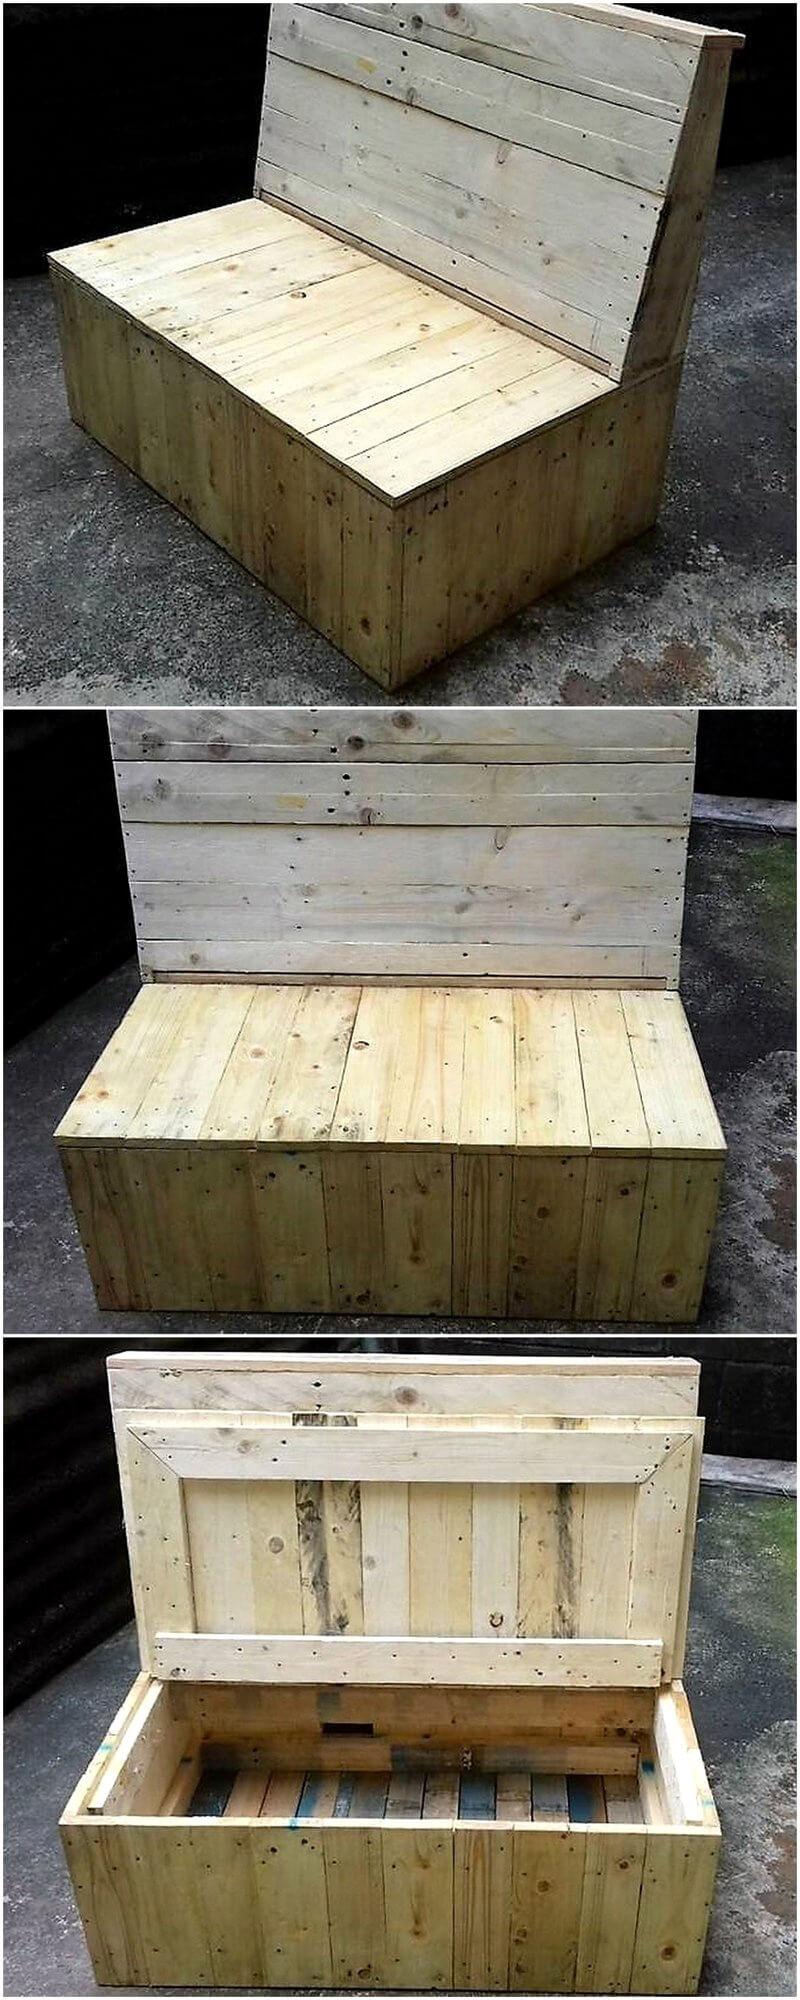 wooden pallet bench cum chest